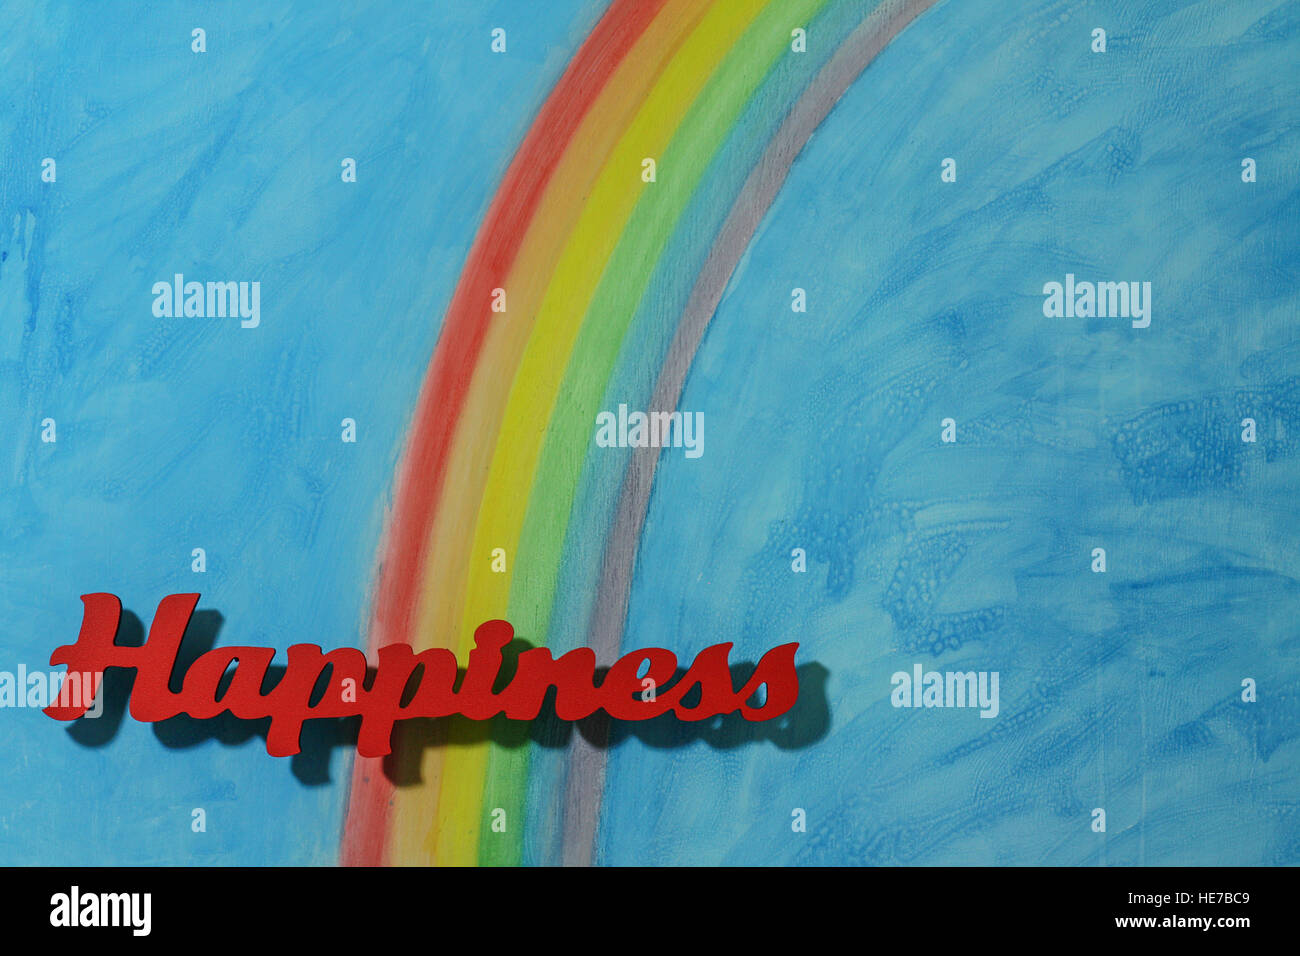 Roten Buchstaben Rechtschreibung das Wort Glück das Konzept der Freude zu illustrieren, glücklich, Liebe Stockbild